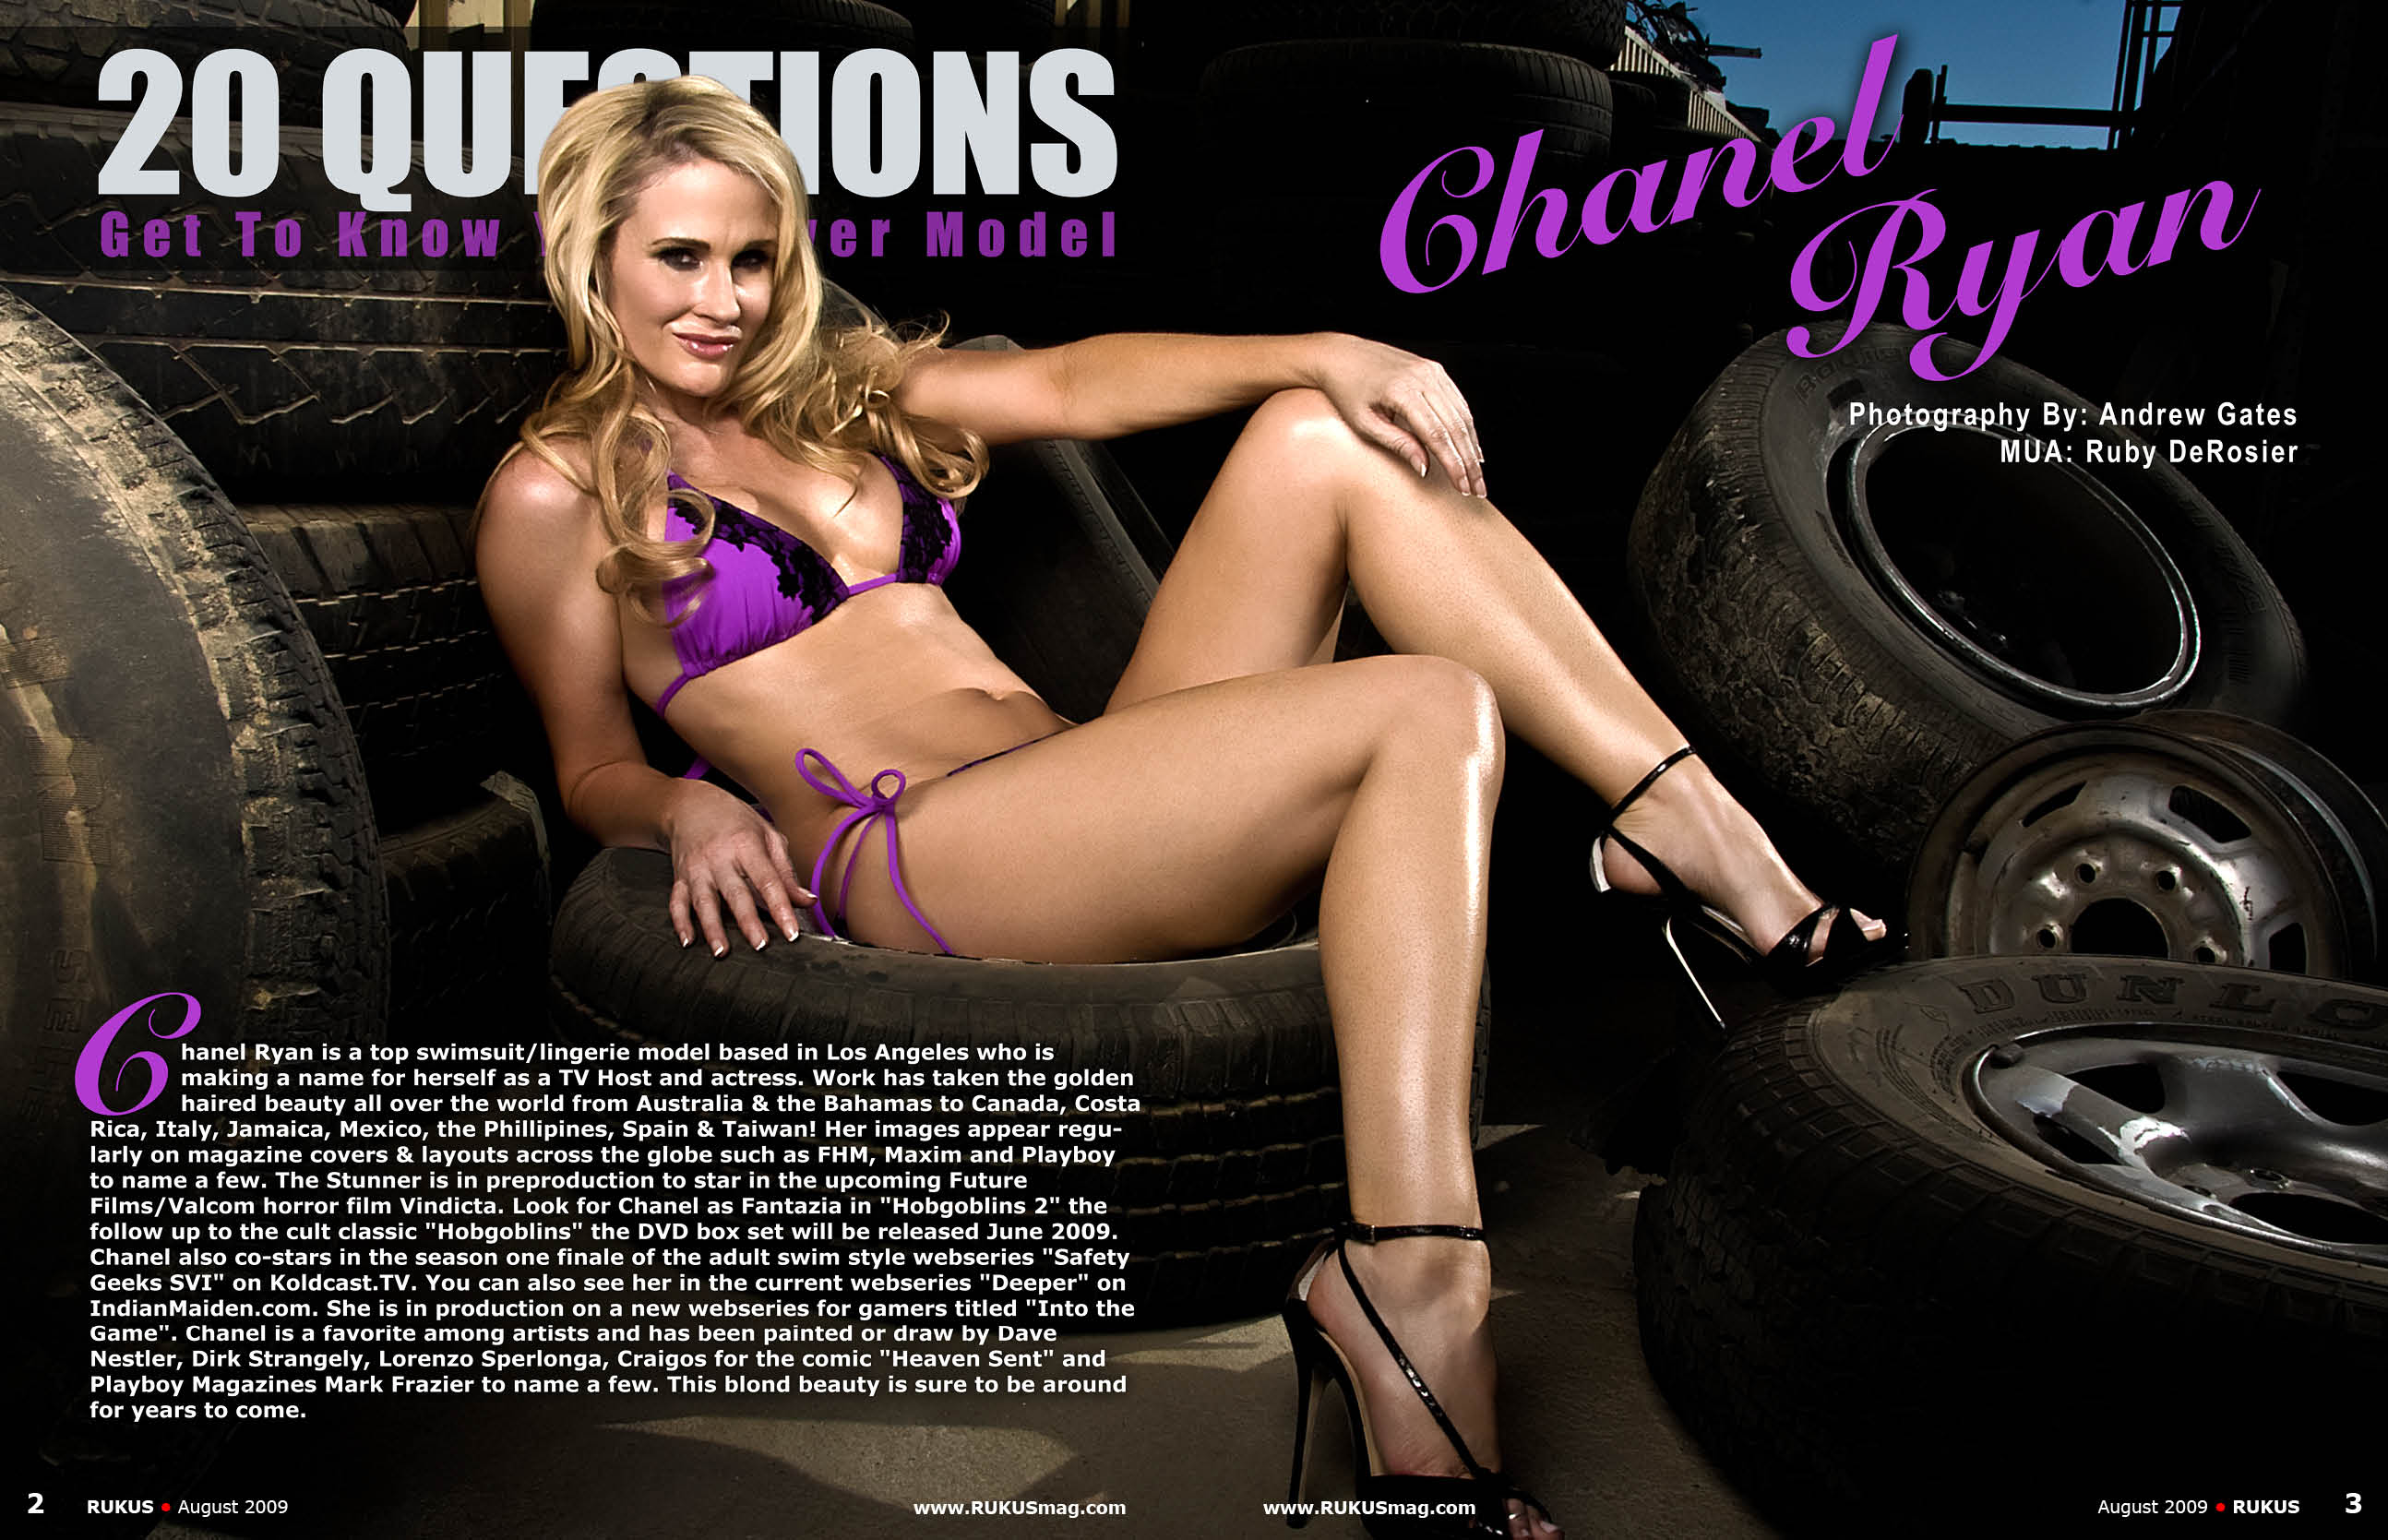 Chanel Ryan Model